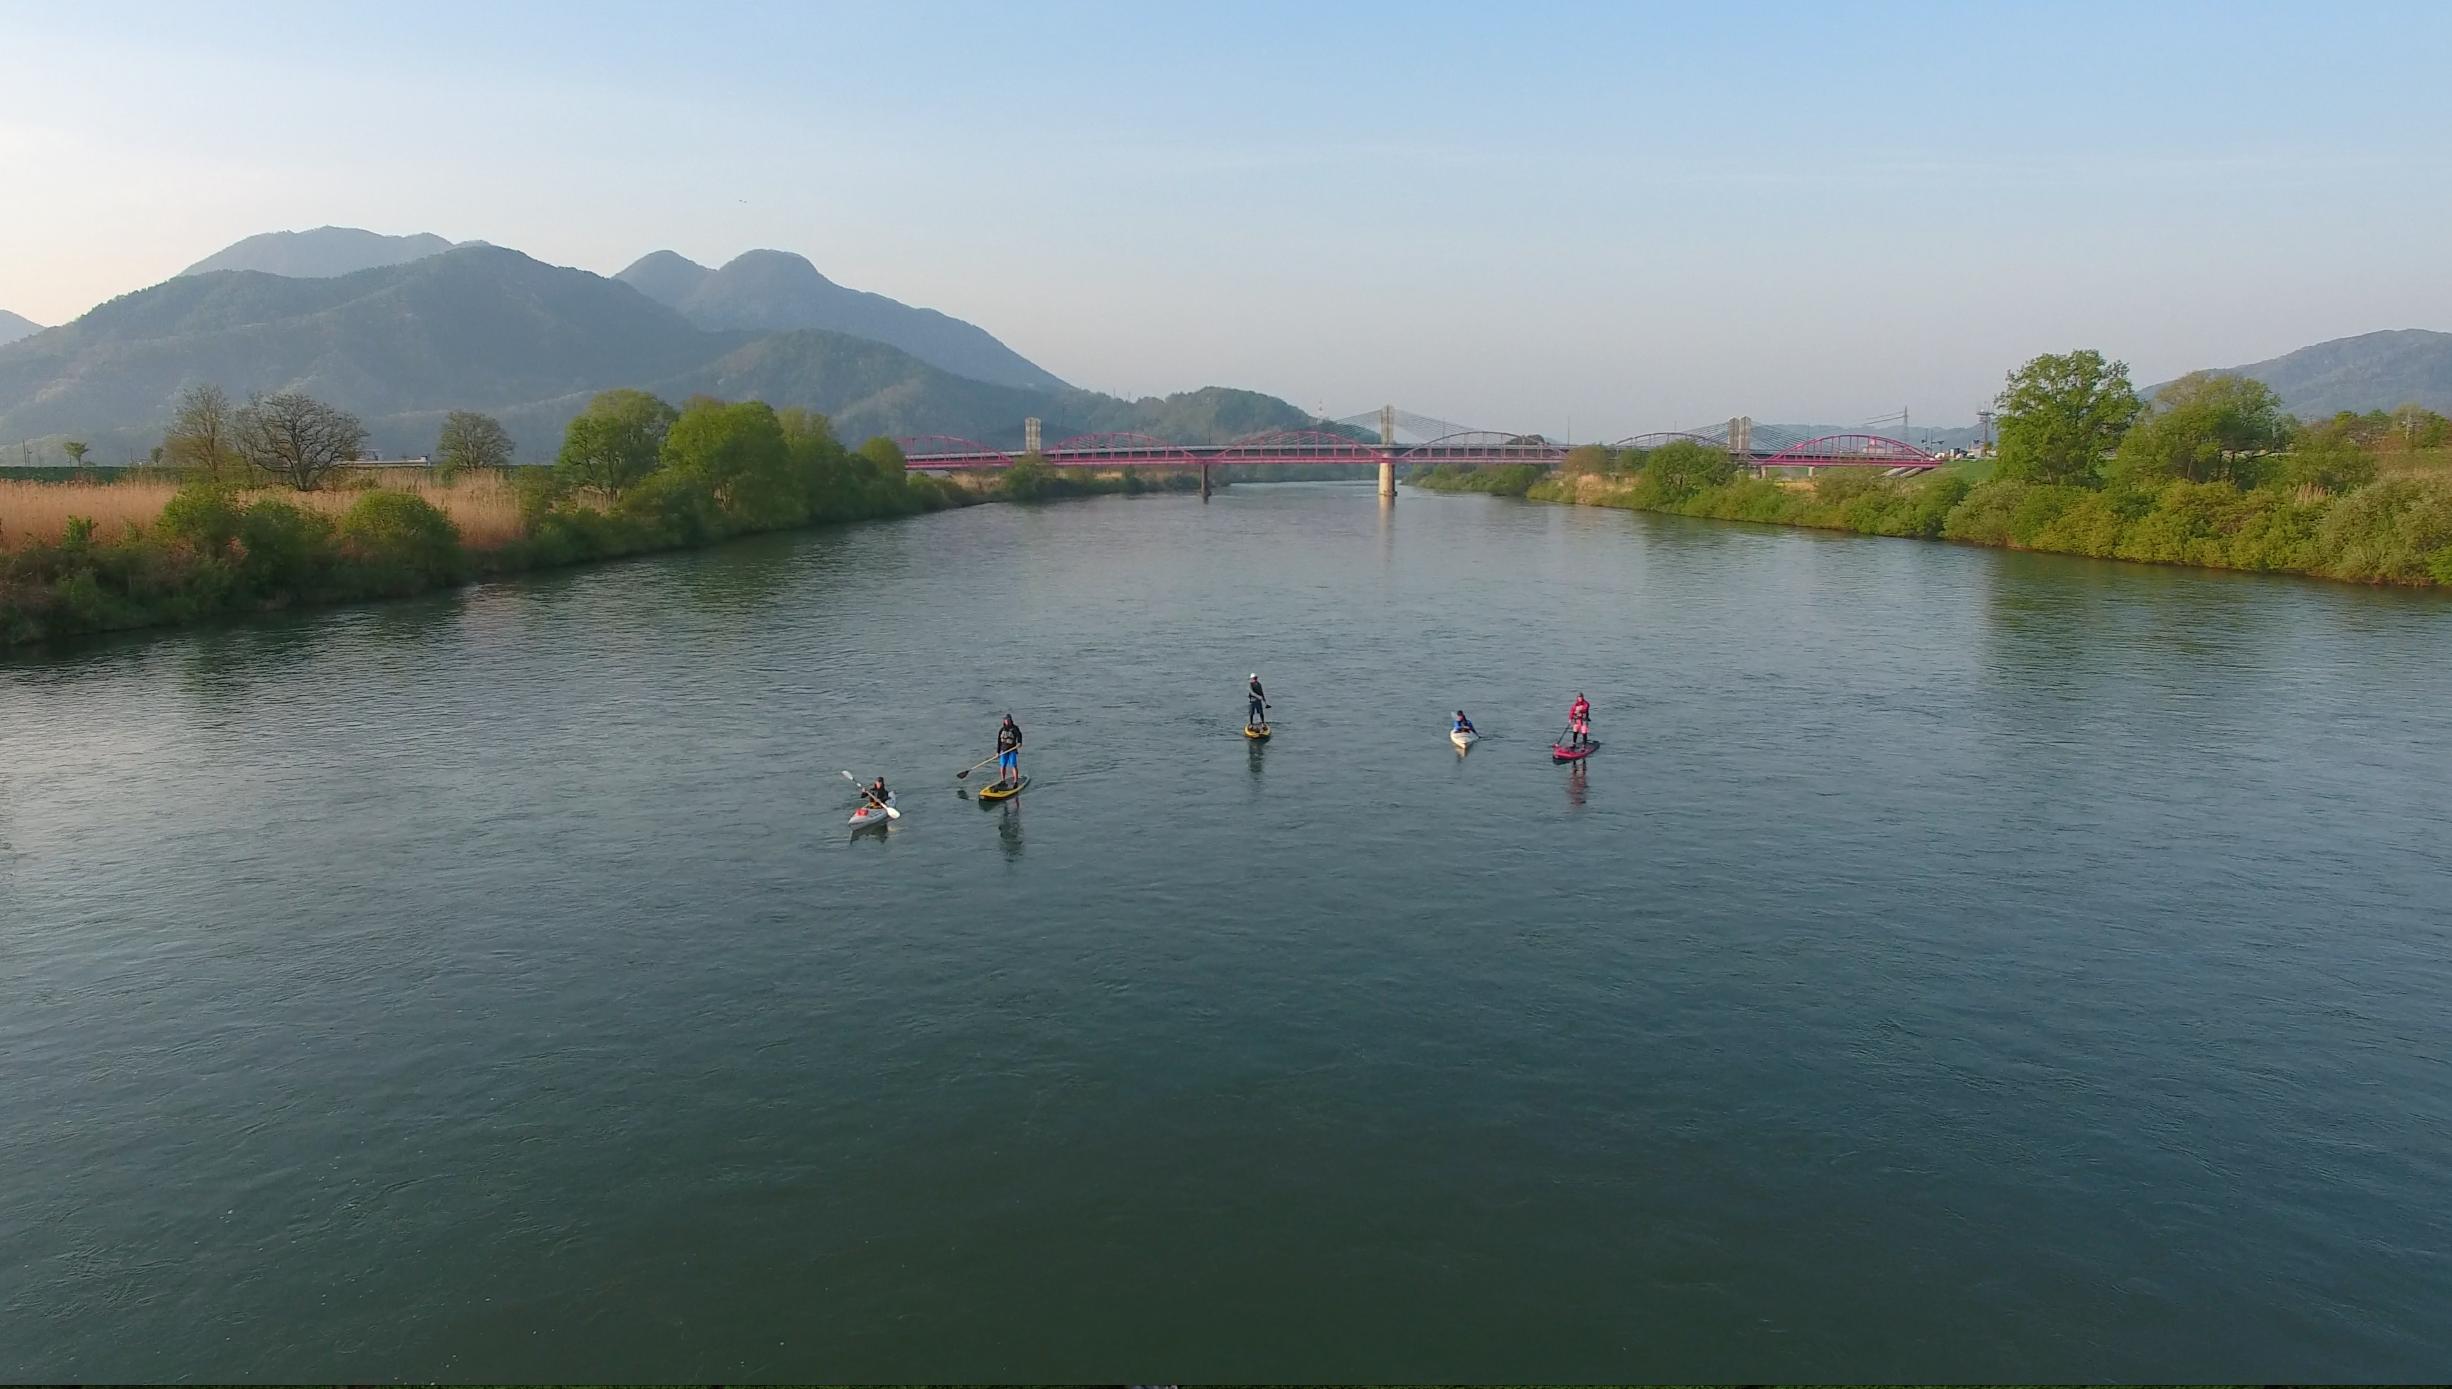 日本一の大河を下る千曲川ツアー